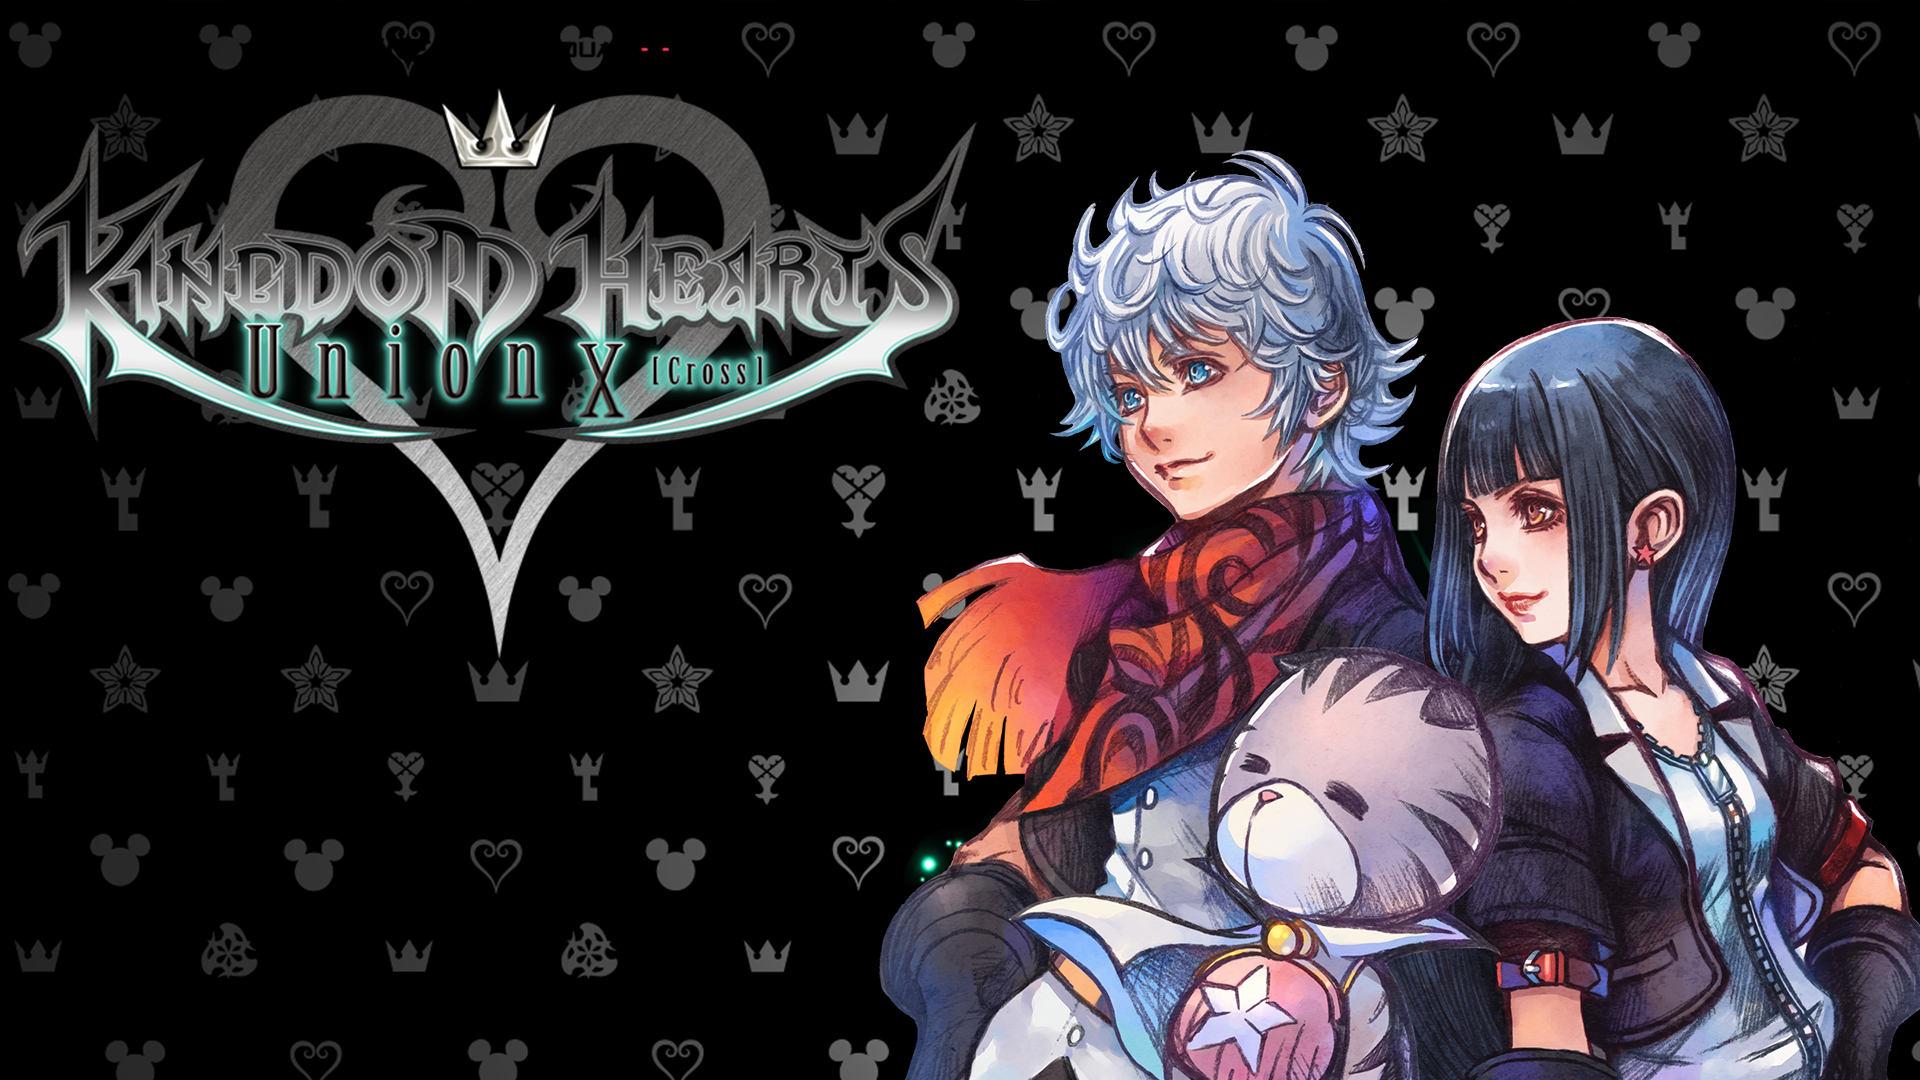 Frozen Llega A Kingdom Hearts Union X Cross Locos X Los Juegos